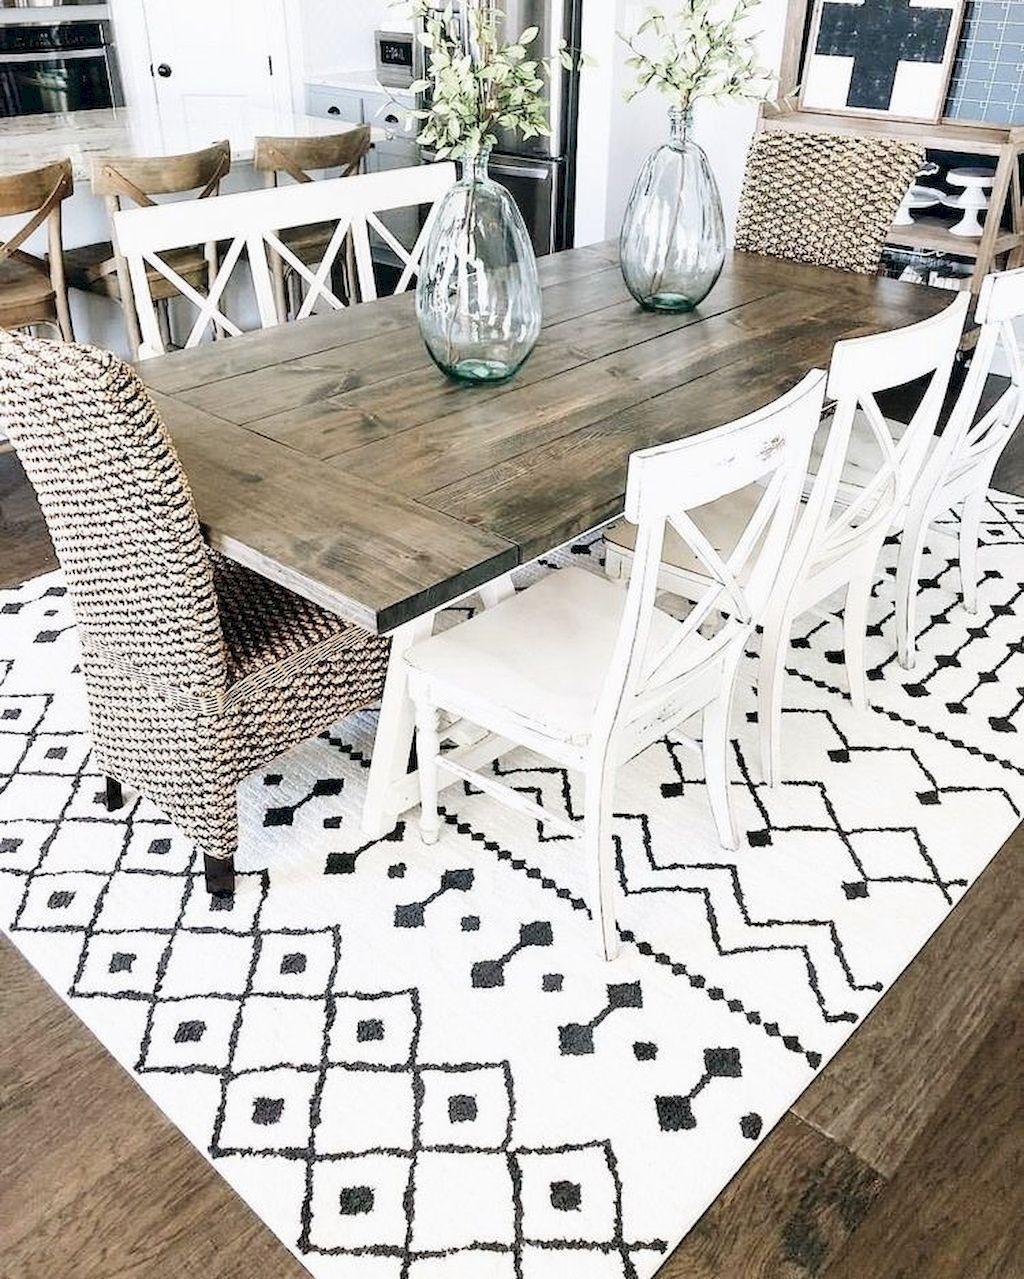 Amazing Rustic Dining Room Design Ideas 29